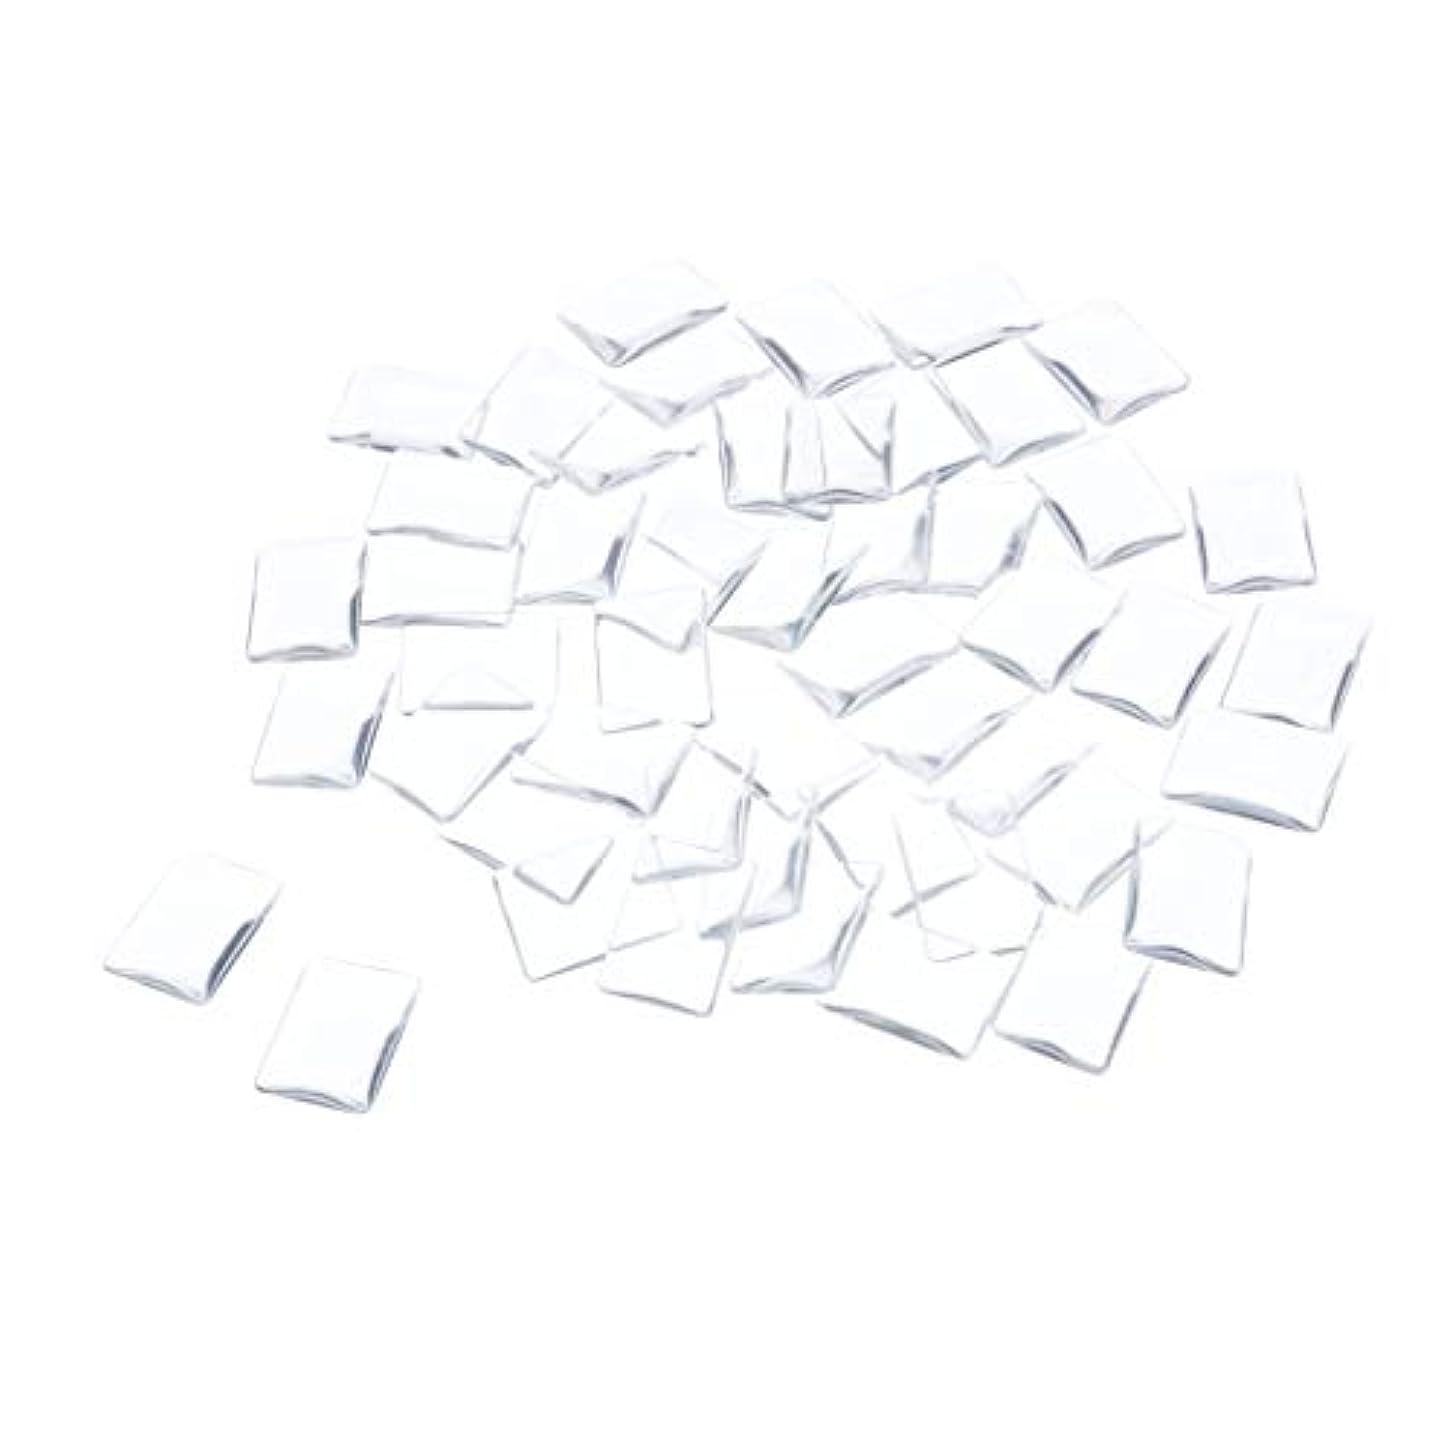 強制的アクロバット忌み嫌うDYNWAVE ネイルチップ クリア ネイルフルチップ スクエアタイプ 透明 ネイルカラーディスプレイ カード 全7種 - 矩形